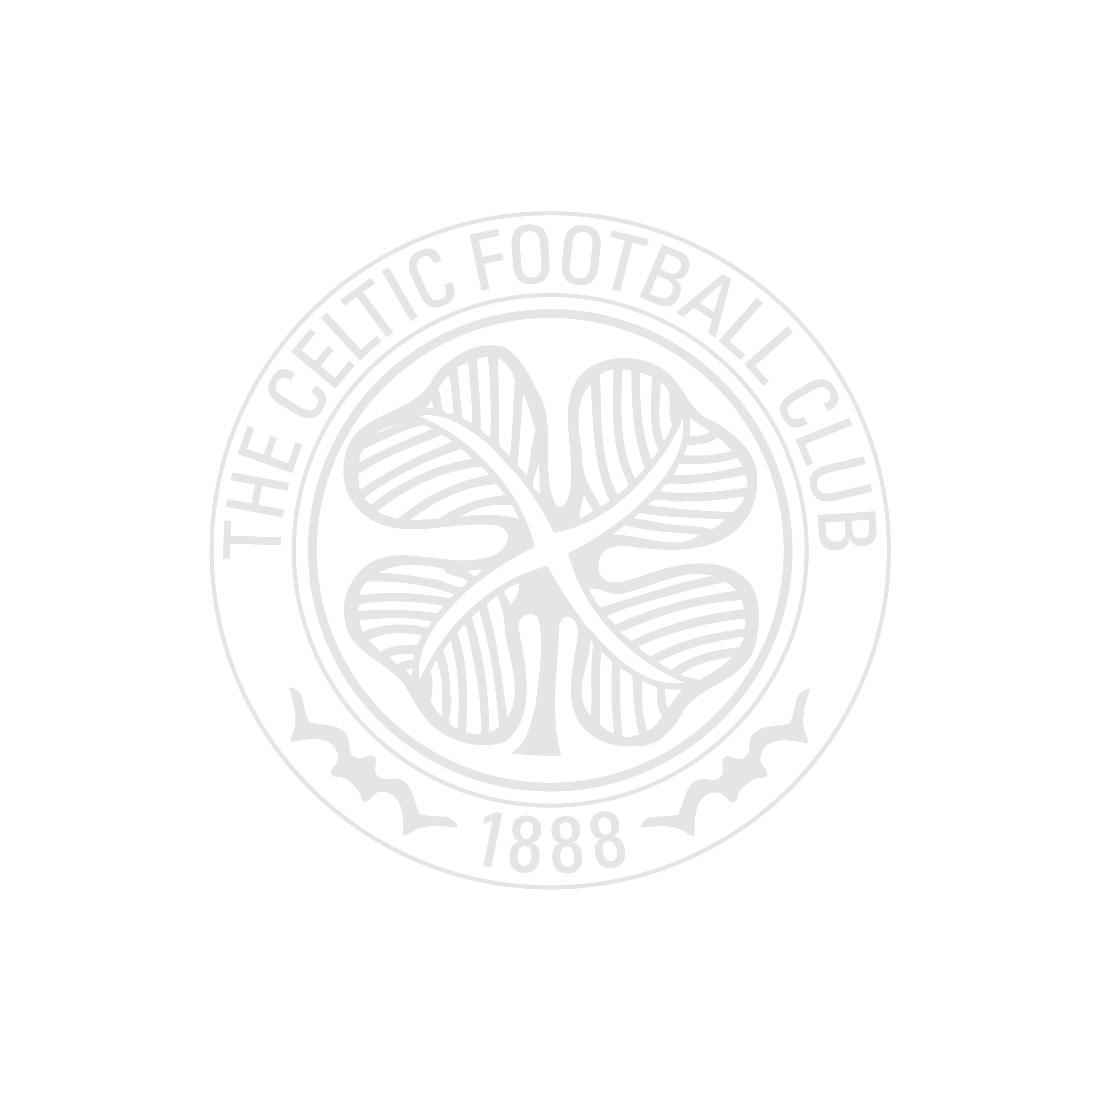 Celtic Team Elf